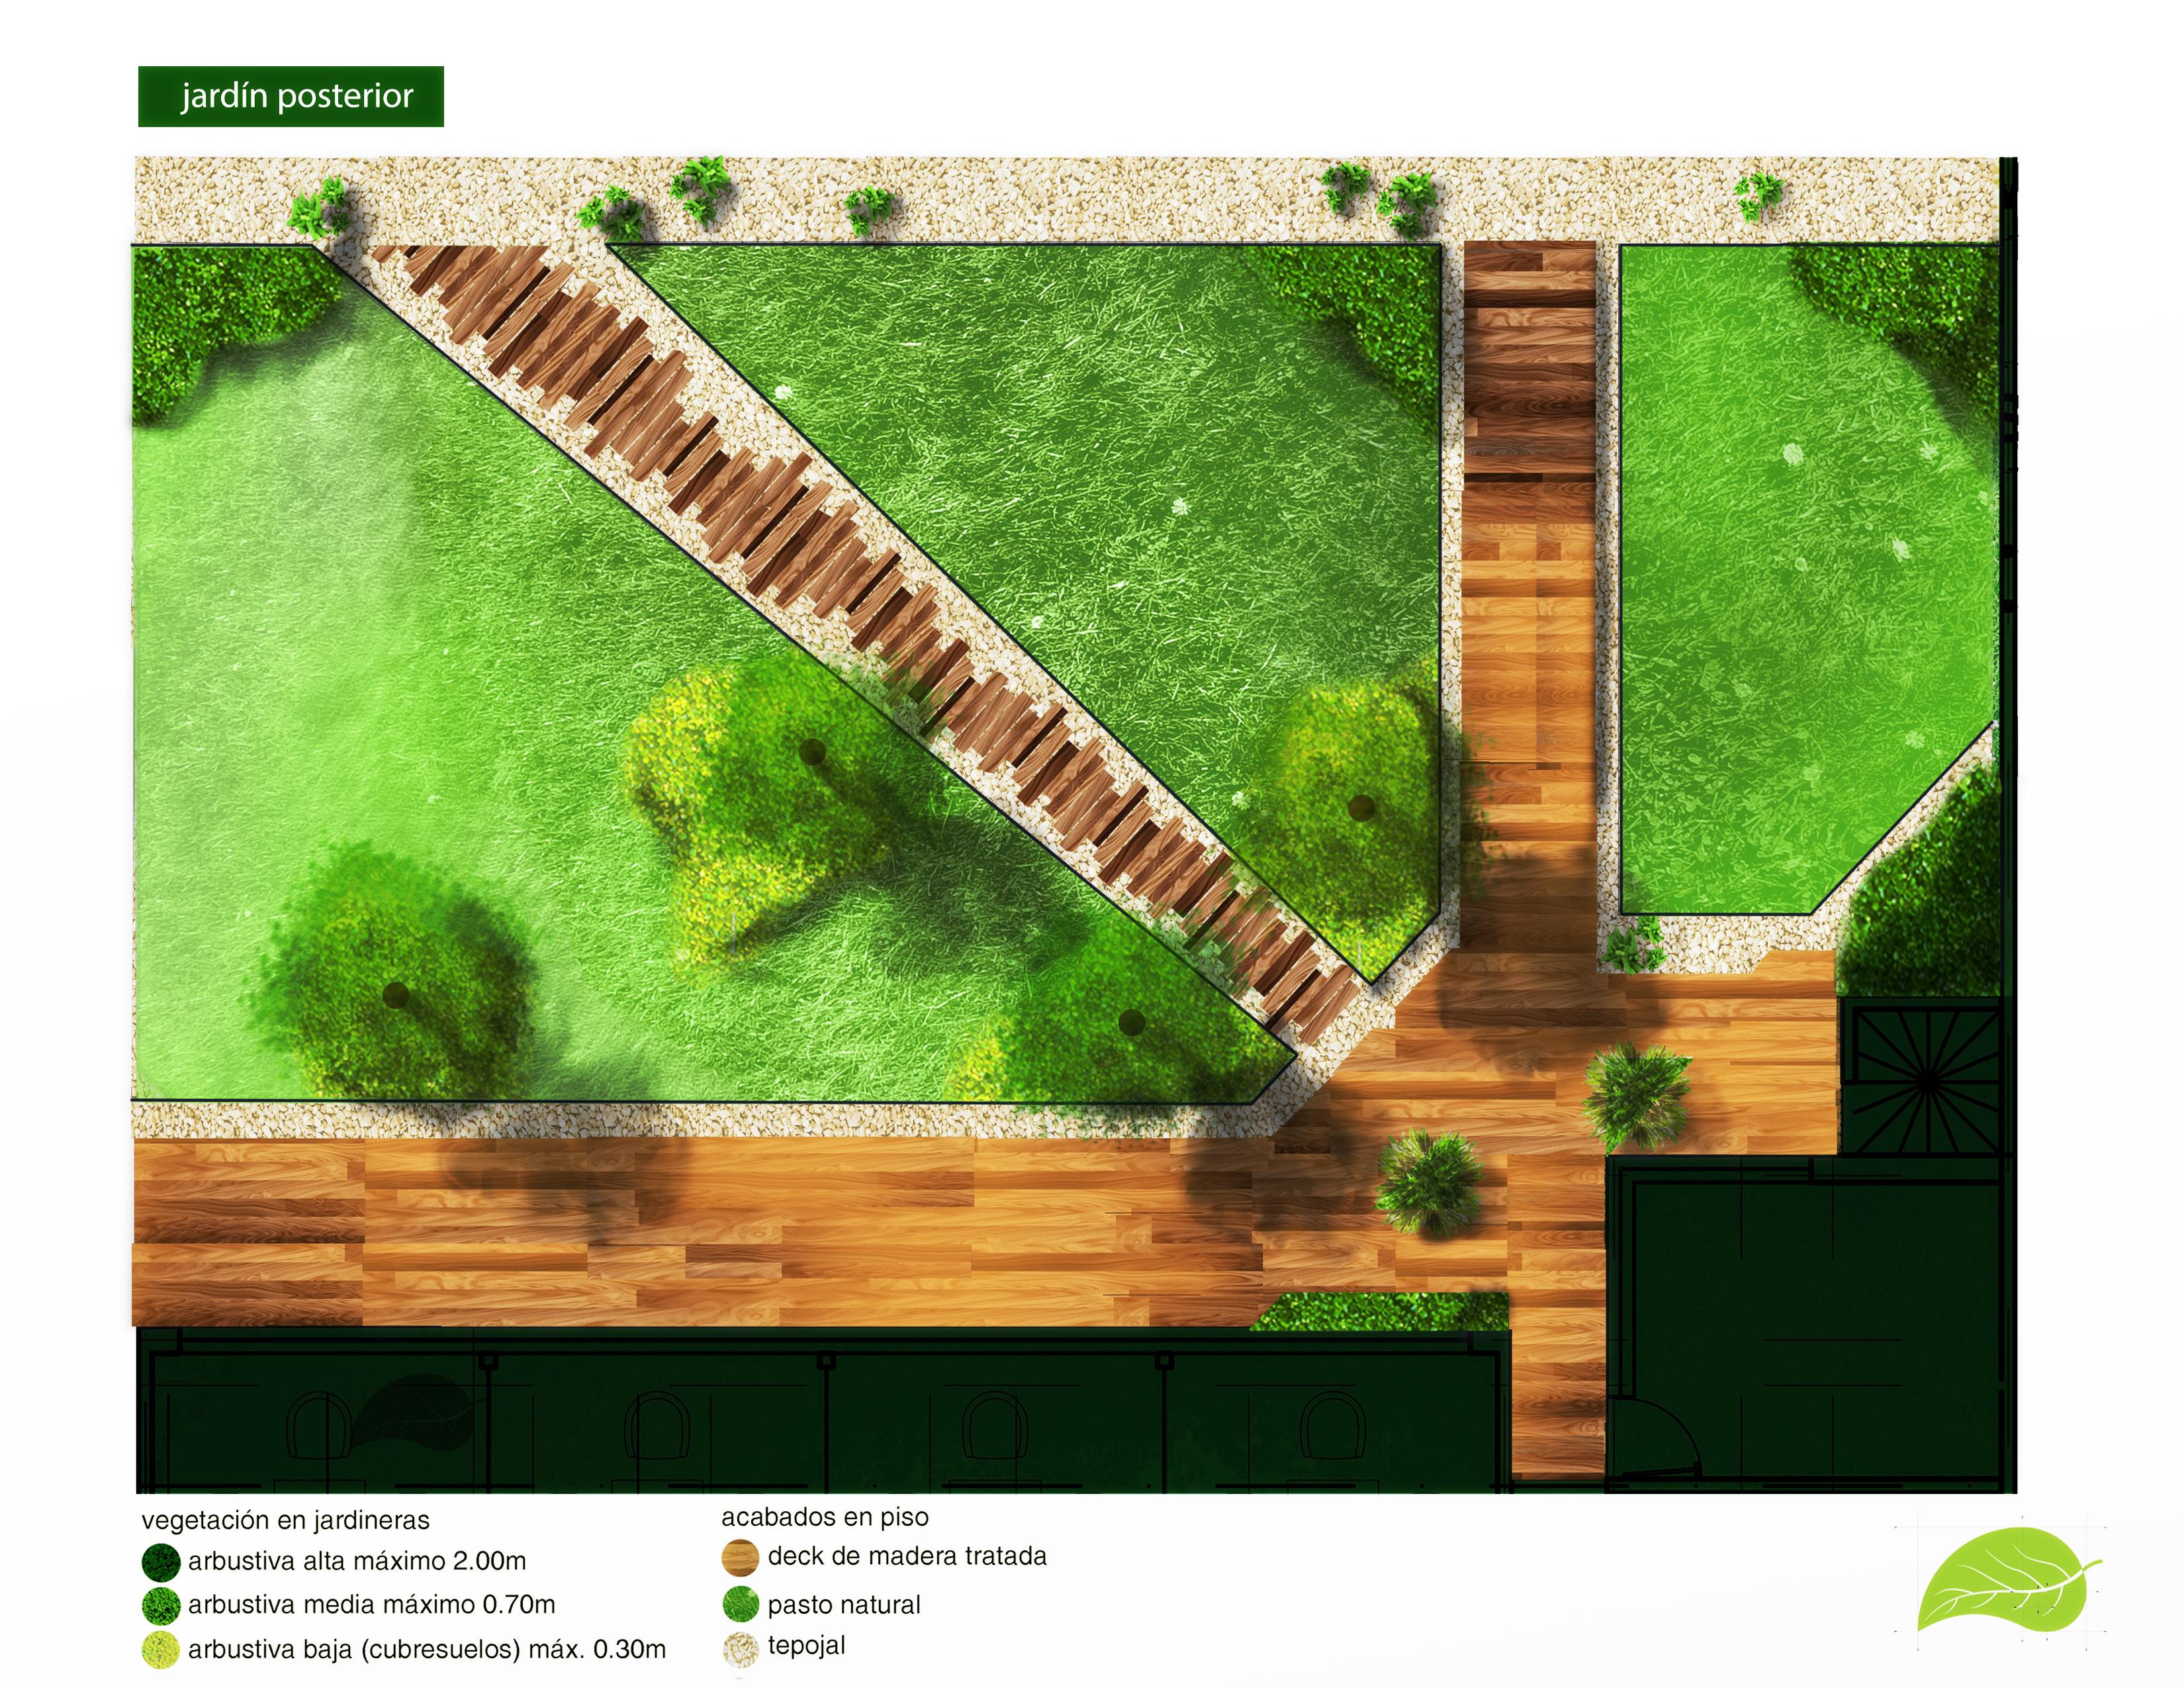 jardín exterior propuesta 1